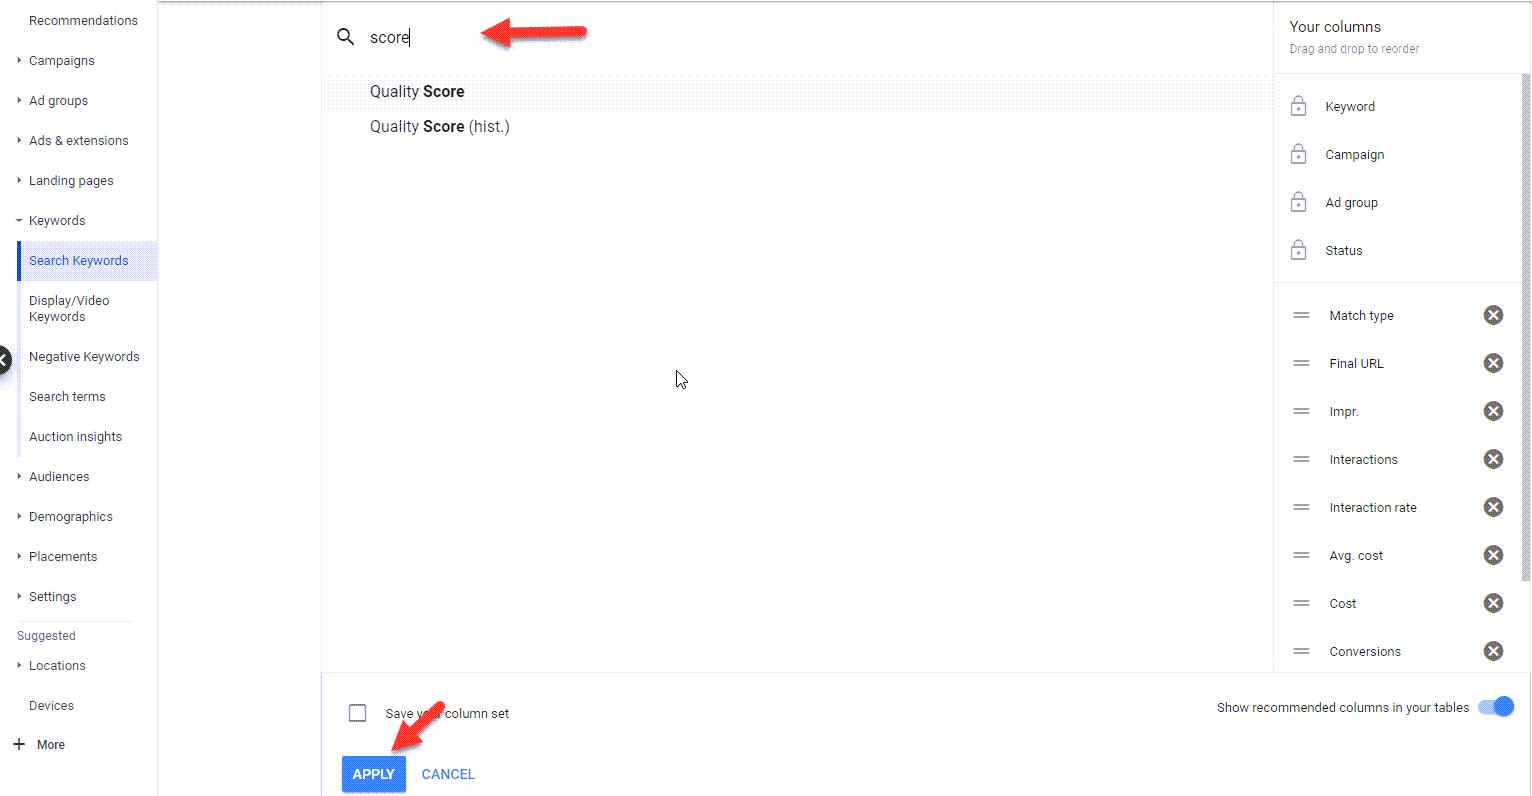 افزودن ستون quality score درز گئپوگل ادز